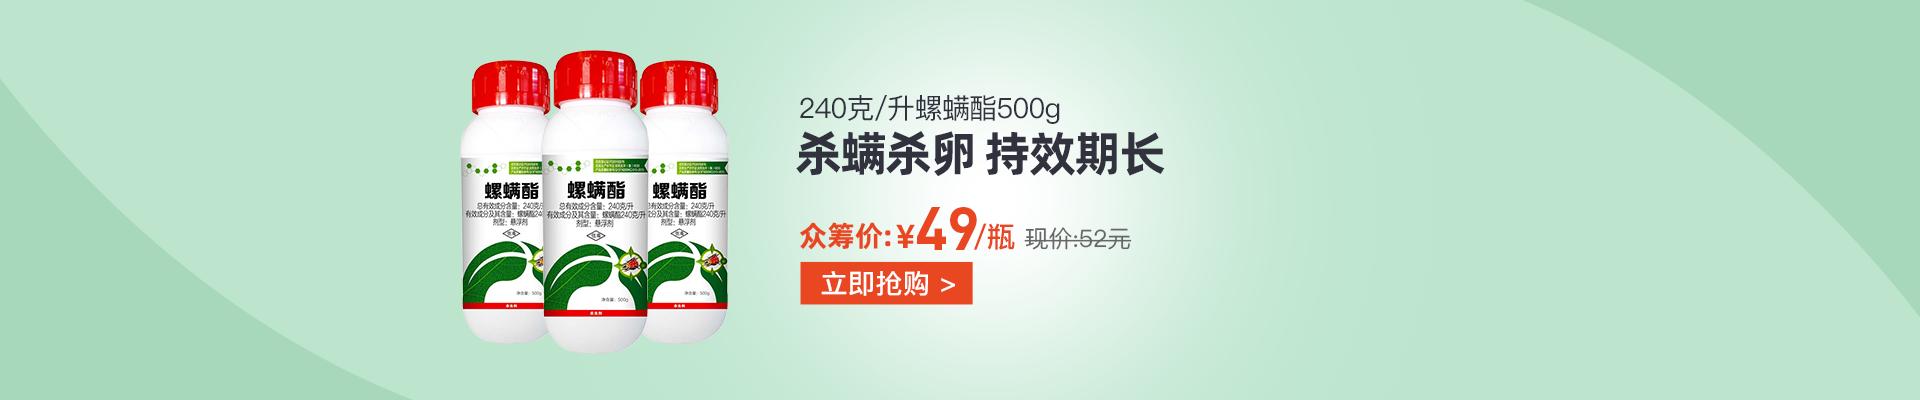 【4月】众筹-【丰创严选】240克/升螺螨酯 悬浮剂 500g500g*5瓶